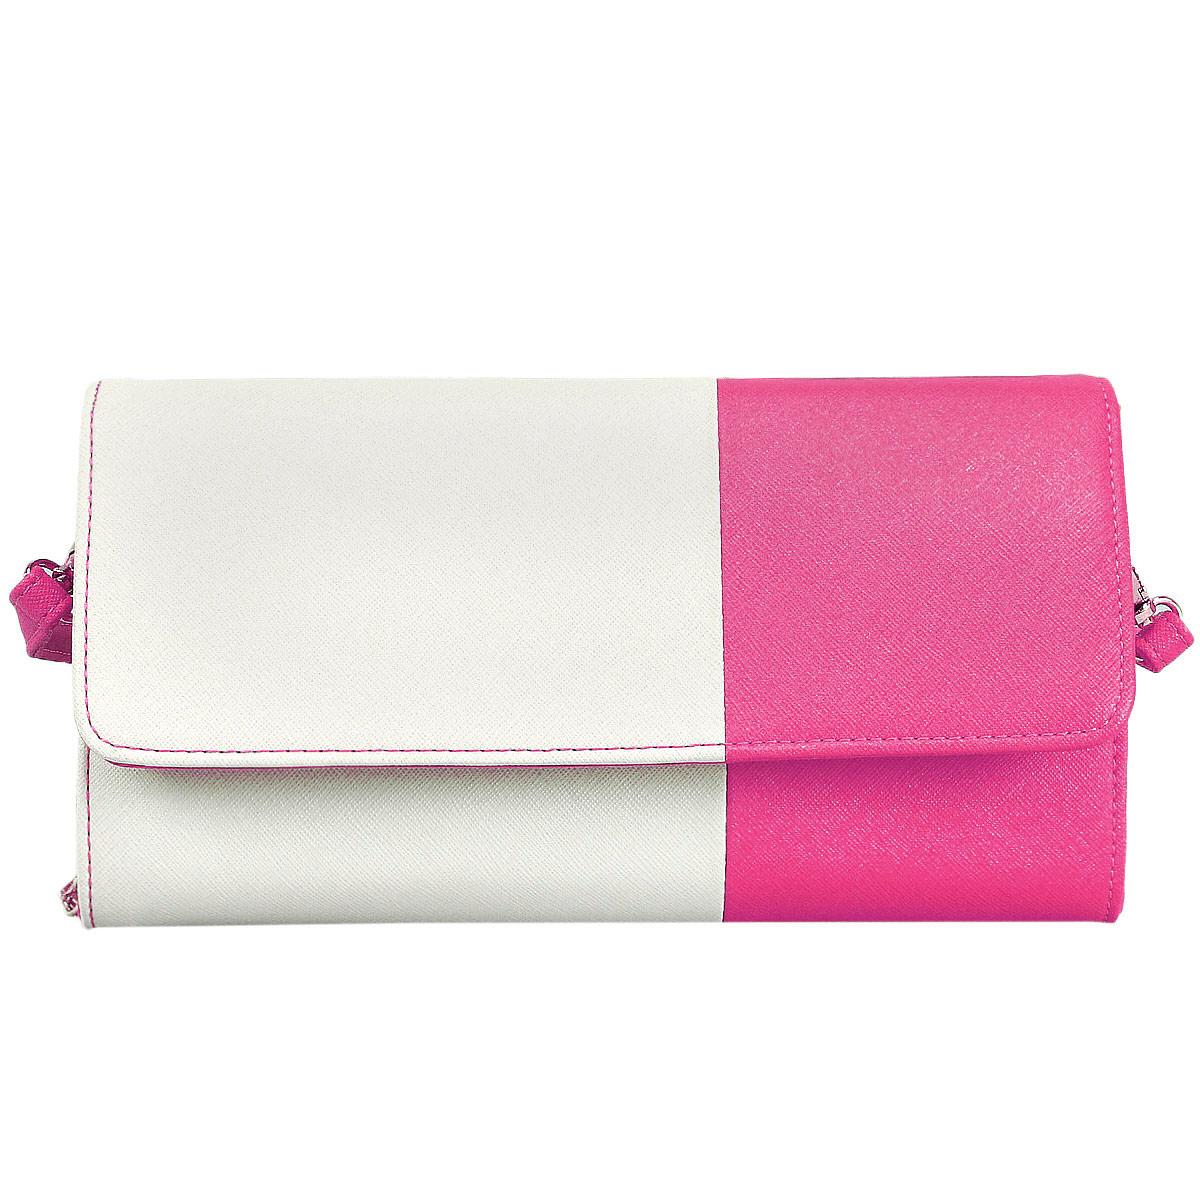 Сумка-клатч женская Leighton, цвет: молочный, розовый. 10656-376910656-3769/23/3769/20 бежСтильная женская сумка-клатч Leighton выполнена из высококачественной искусственной кожи. Модель закрывается клапаном на магнитную кнопку. Внутри - два открытых отделения и одно на застежке-молнии. Клатч содержит множество плоских карманов и отделений для визитных и кредитных карточек. Под клапаном - три плоских открытых кармана. В комплекте - два ремешка, разной длины и чехол для хранения. Яркий дизайн сумки, сочетающий классические формы с оригинальным оформлением, позволит вам подчеркнуть свою индивидуальность и сделает ваш образ изысканным и завершенным.